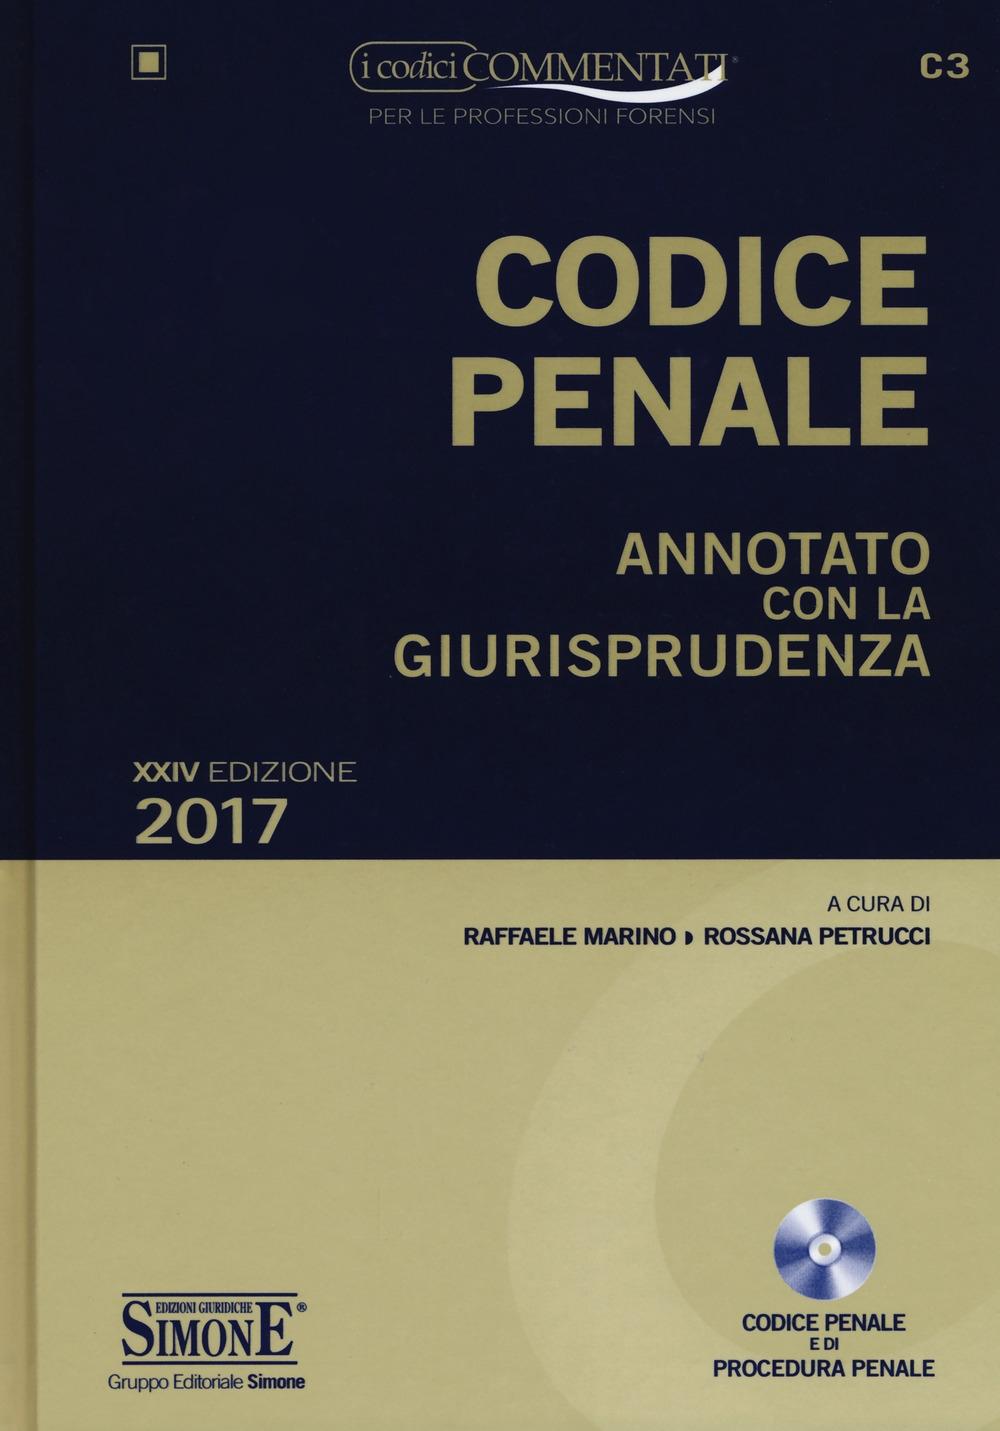 Codice penale. Annotato con la giurisprudenza. Con CD-ROM